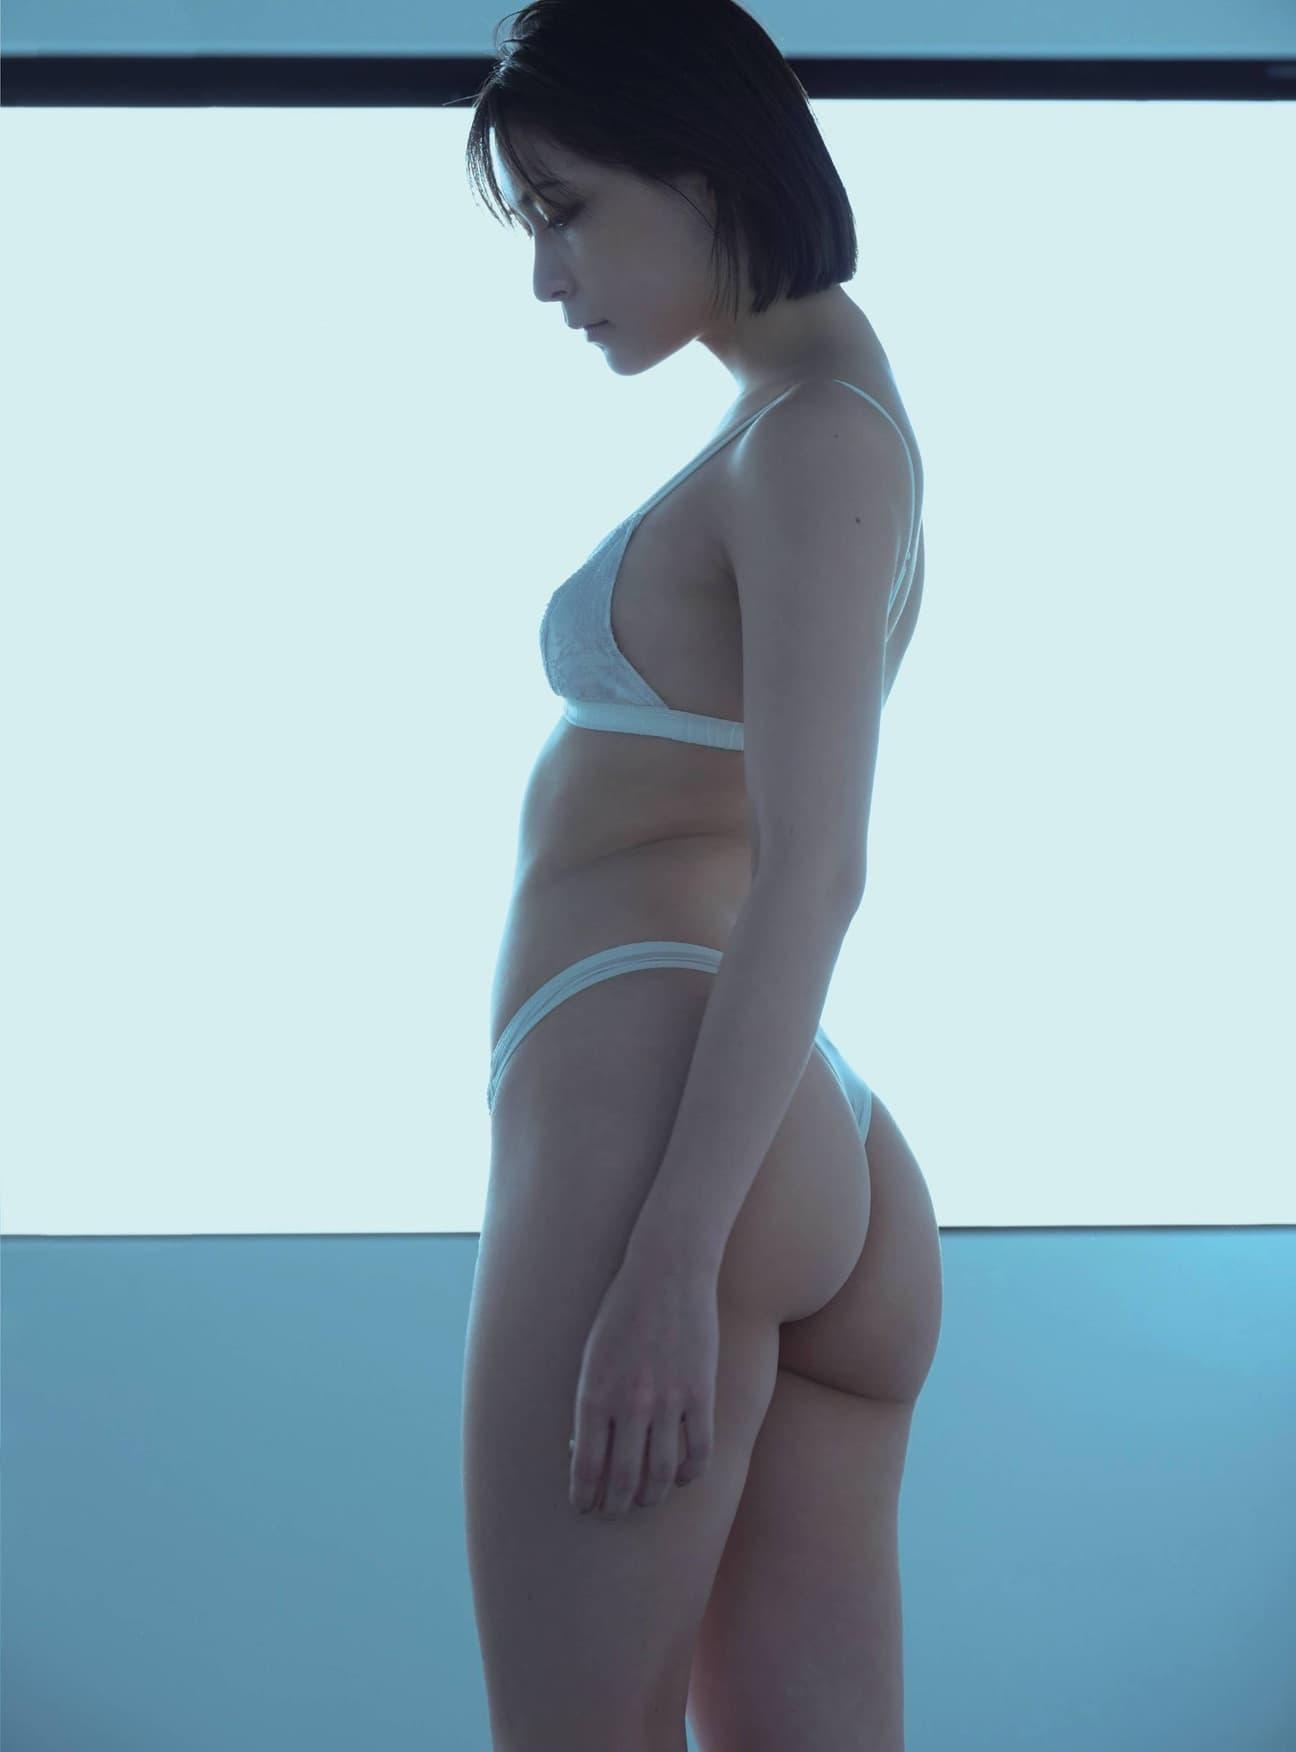 グラビアアイドル写真集 ミステリアスな魅力を持った2.5次元モデルのあまつまりな(あまつ様)グラビア画像まとめ4 100枚